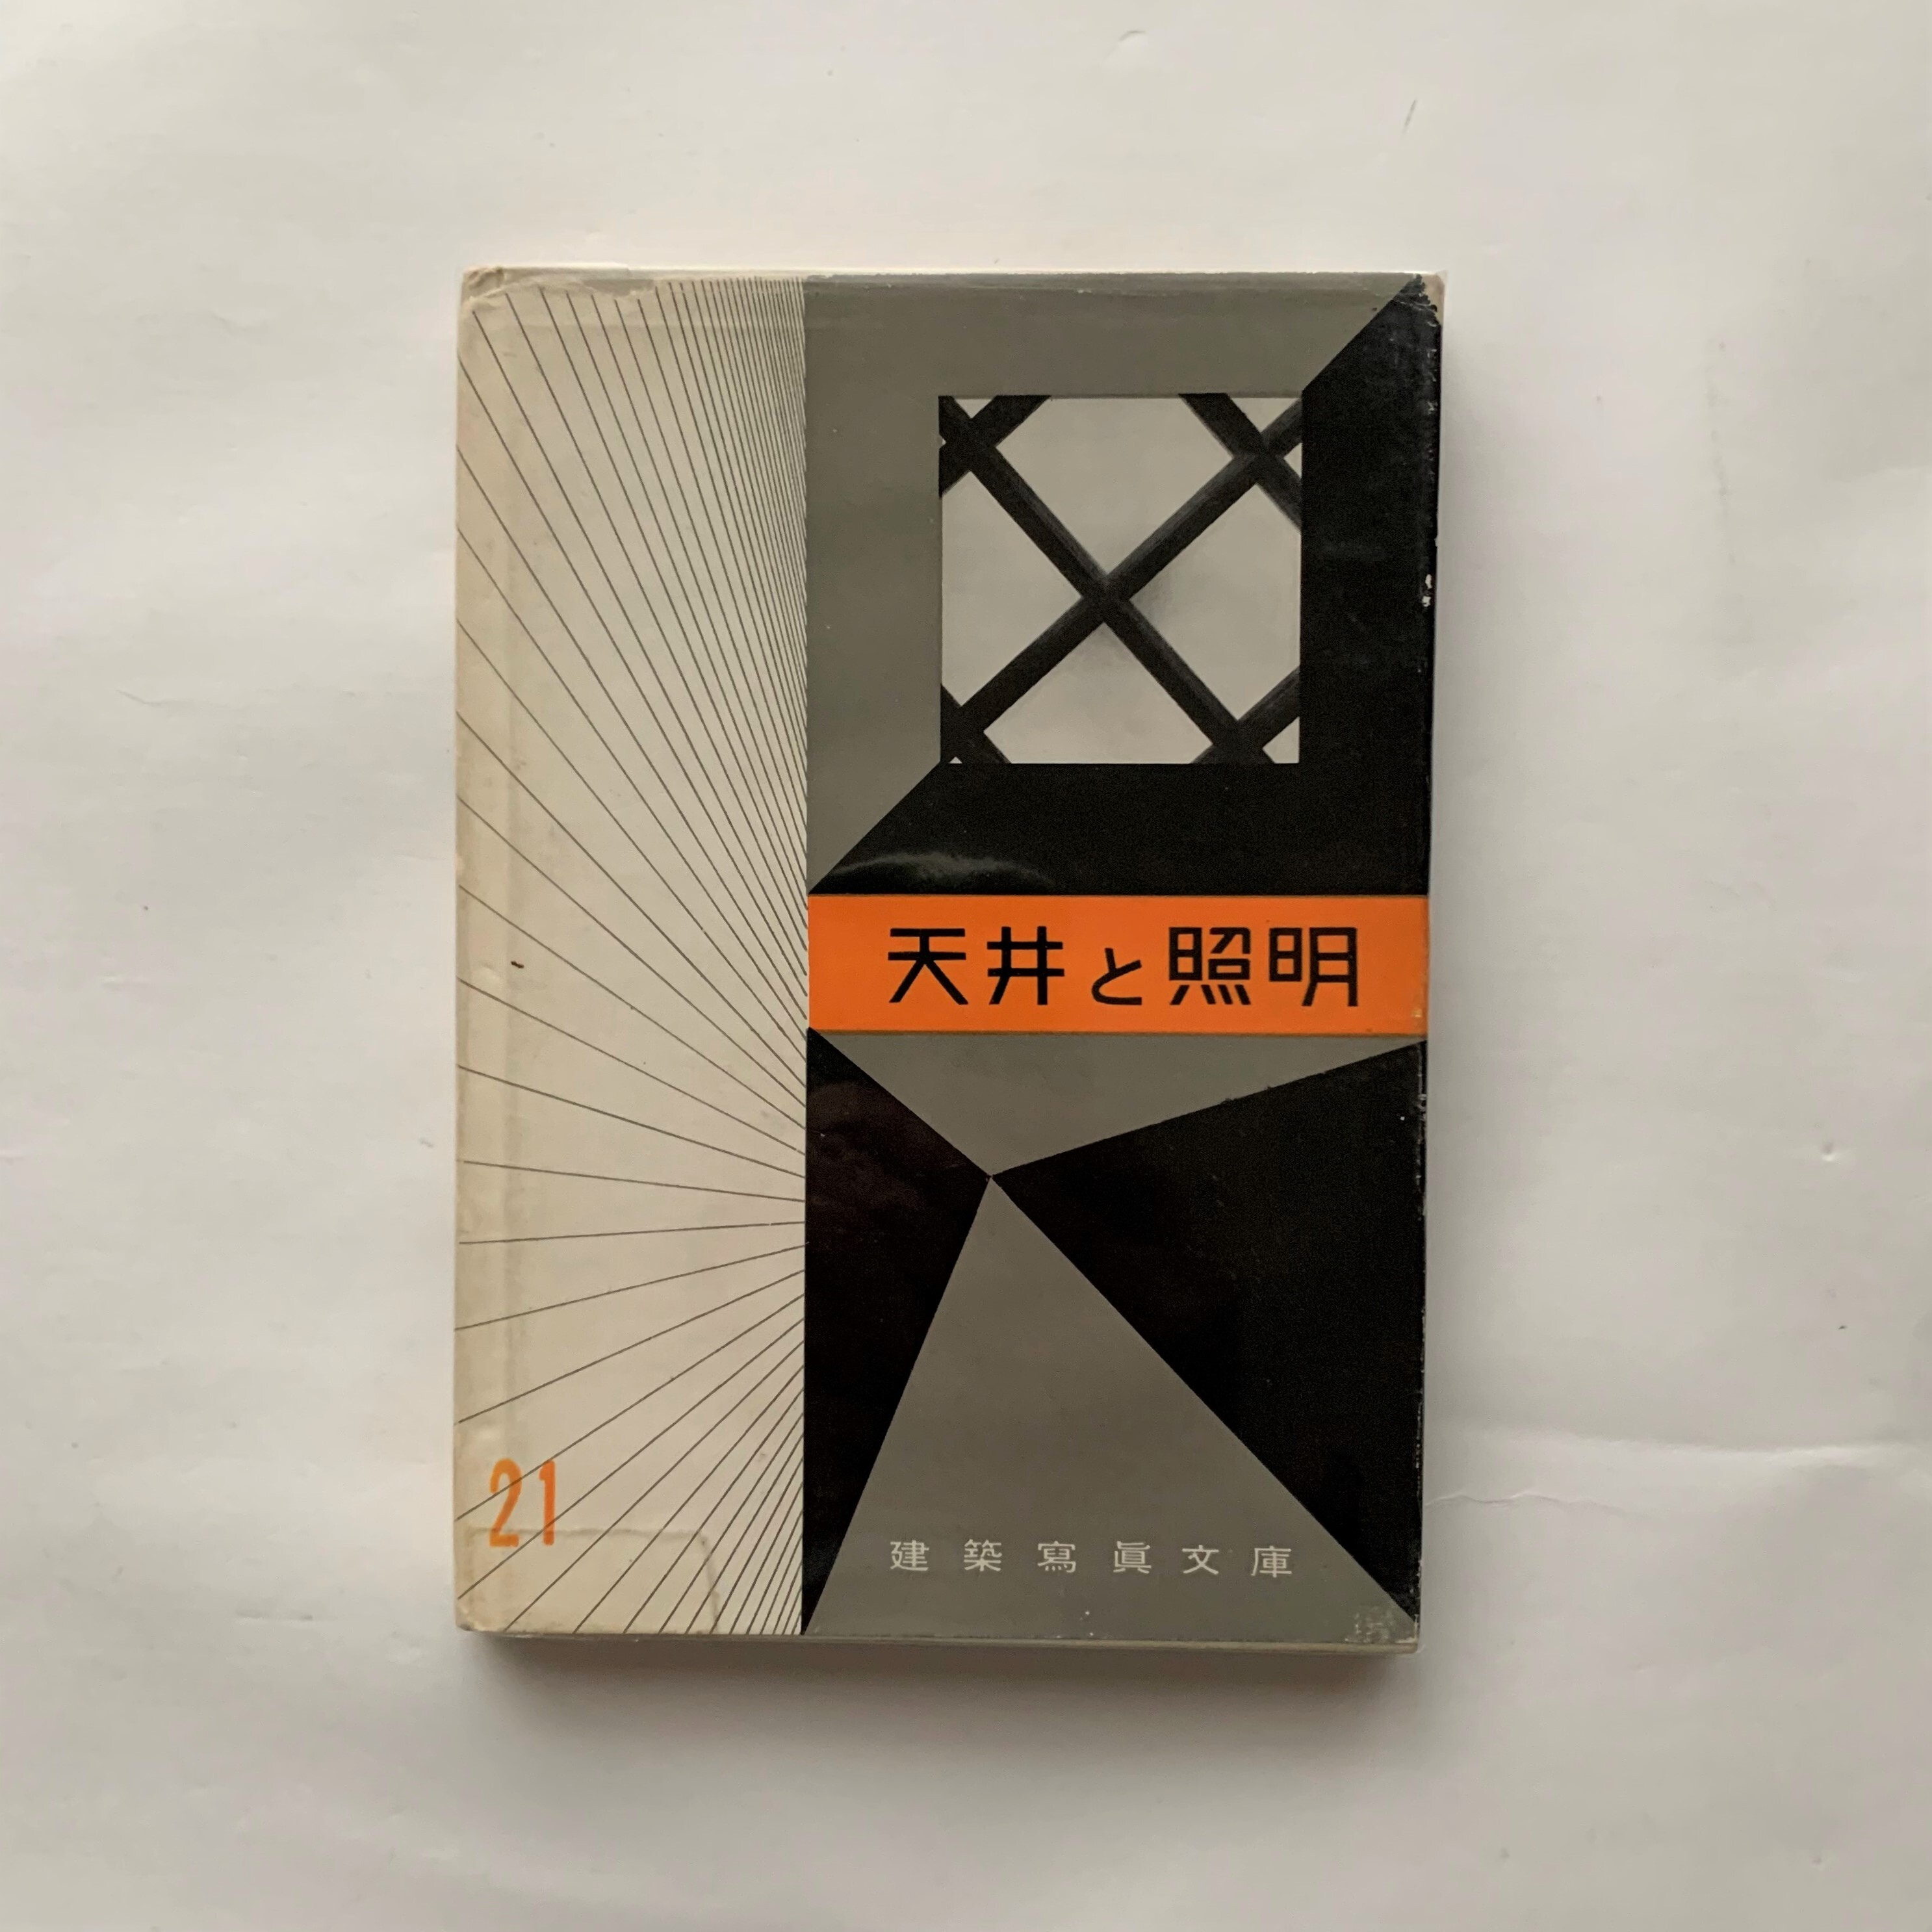 天井と照明 / 建築寫眞文庫21 / 北尾春道・責任編集